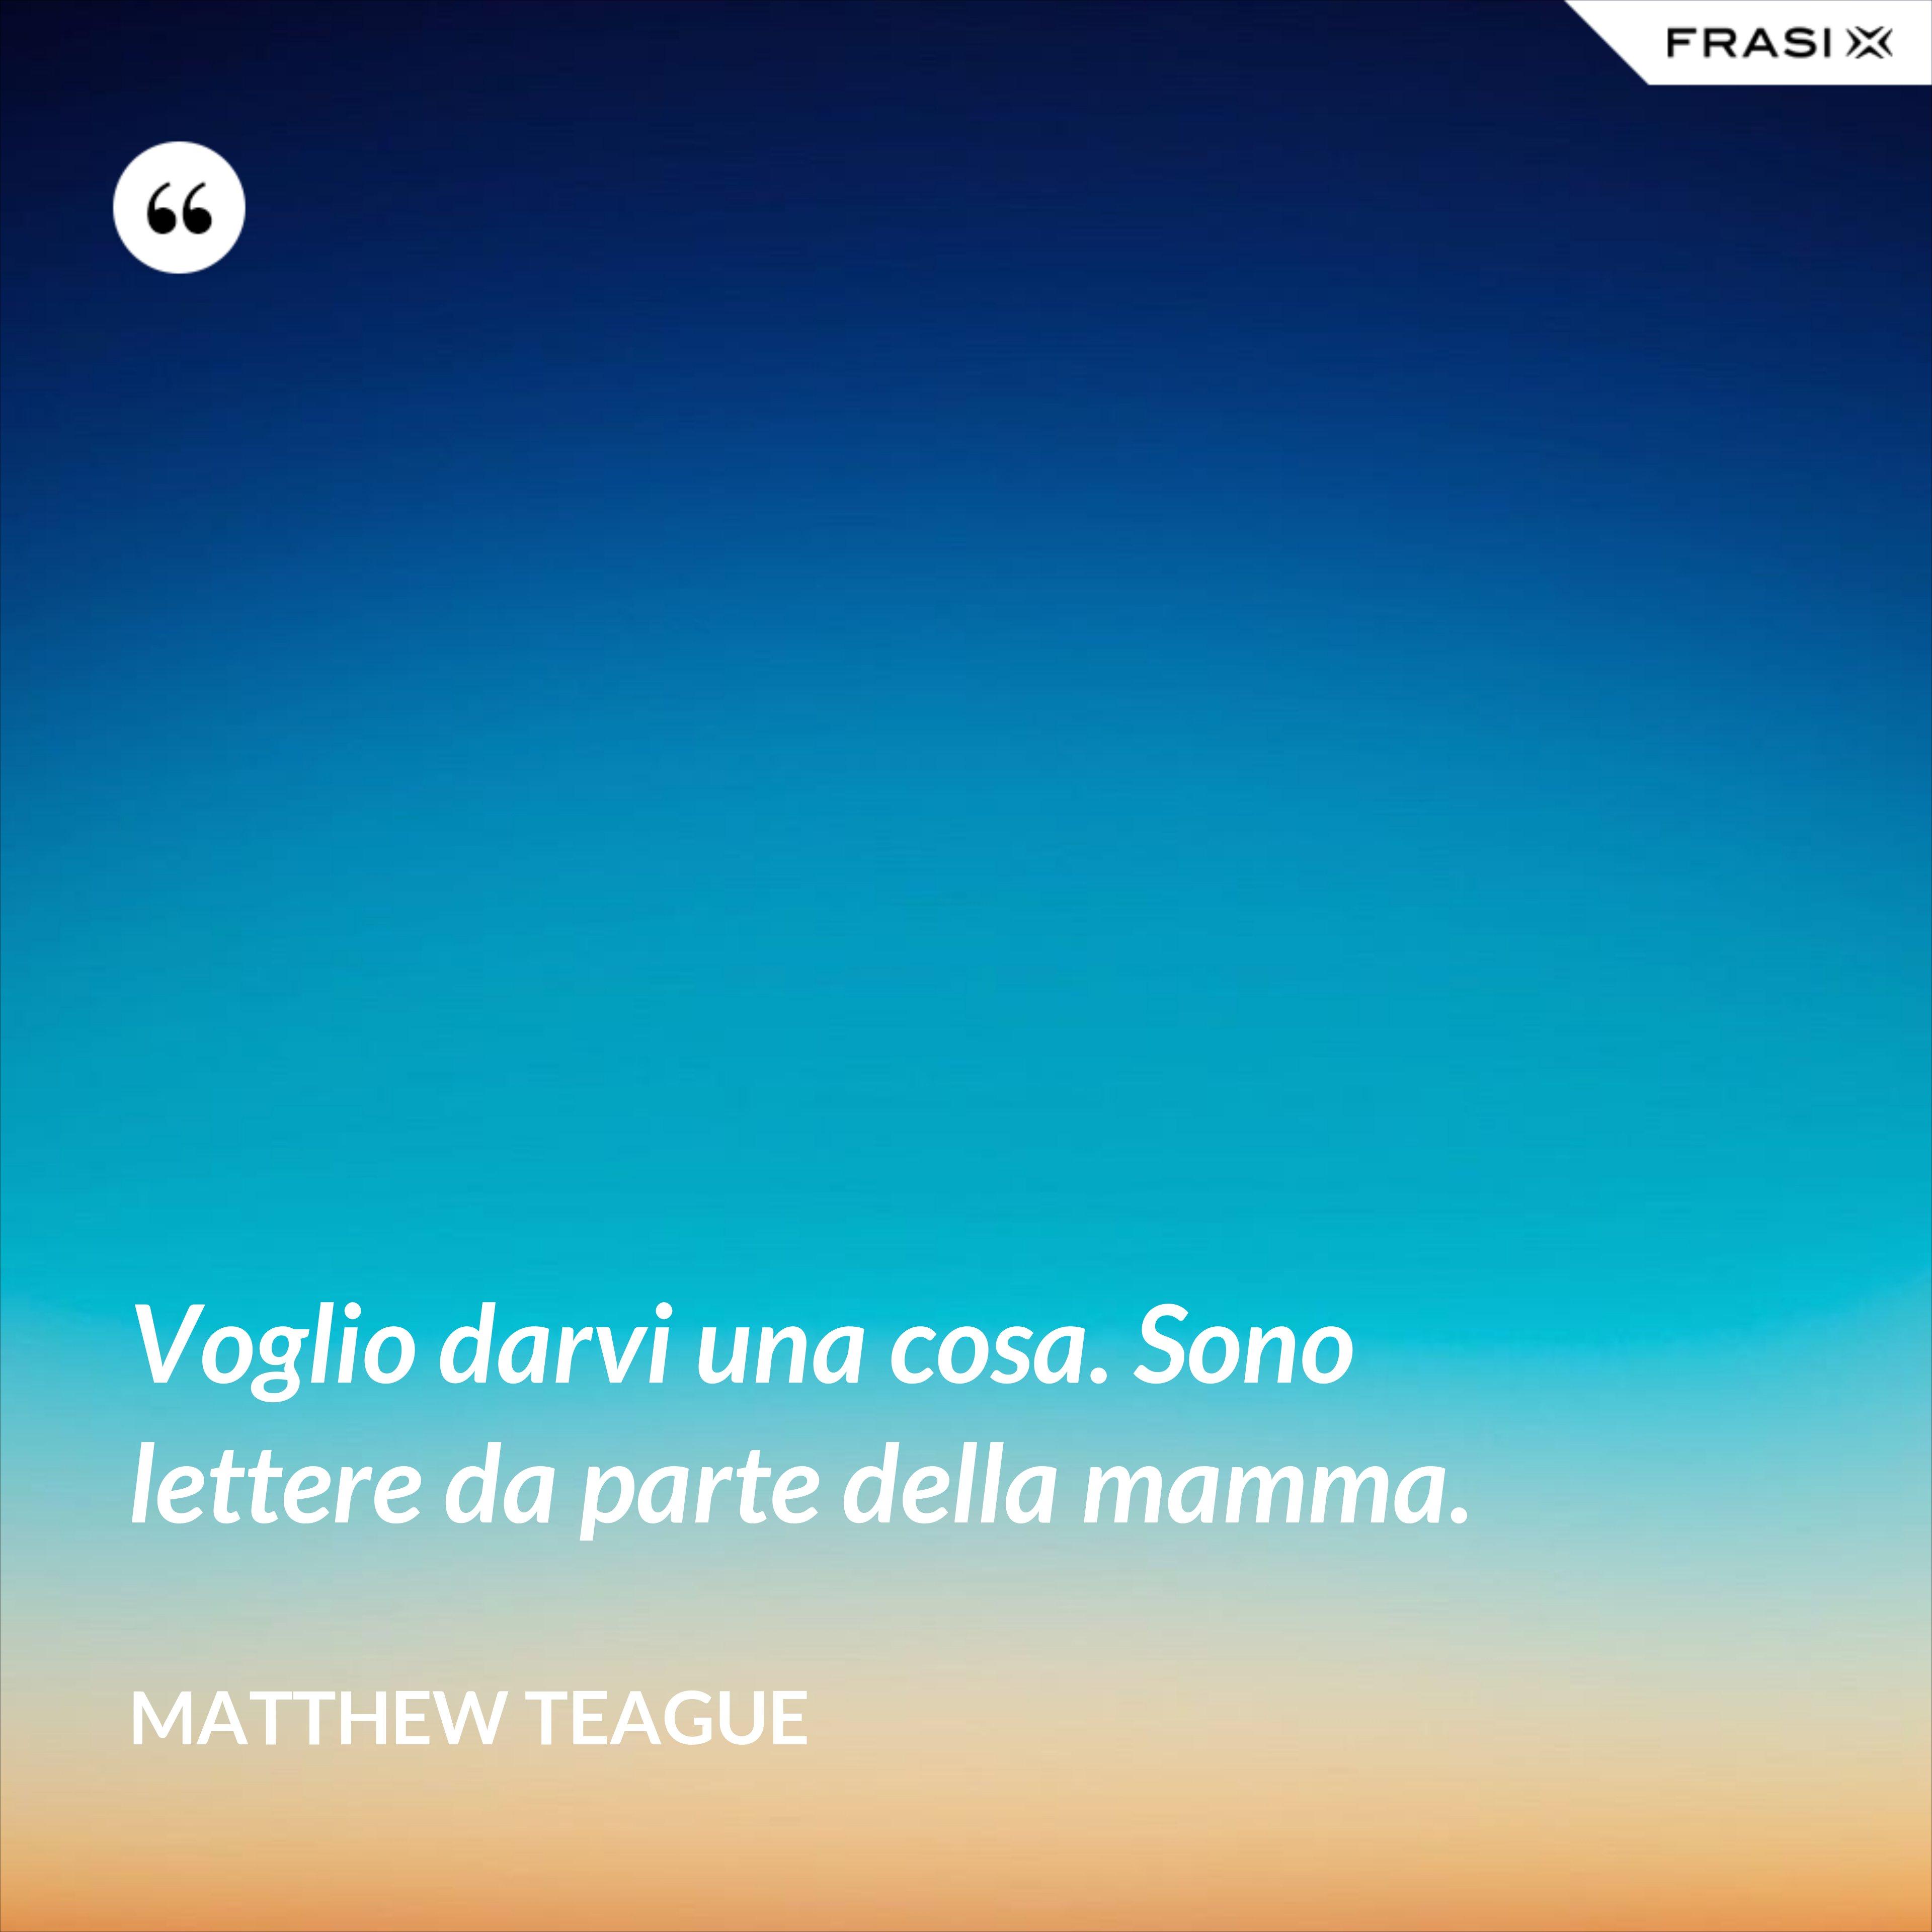 Voglio darvi una cosa. Sono lettere da parte della mamma. - Matthew Teague